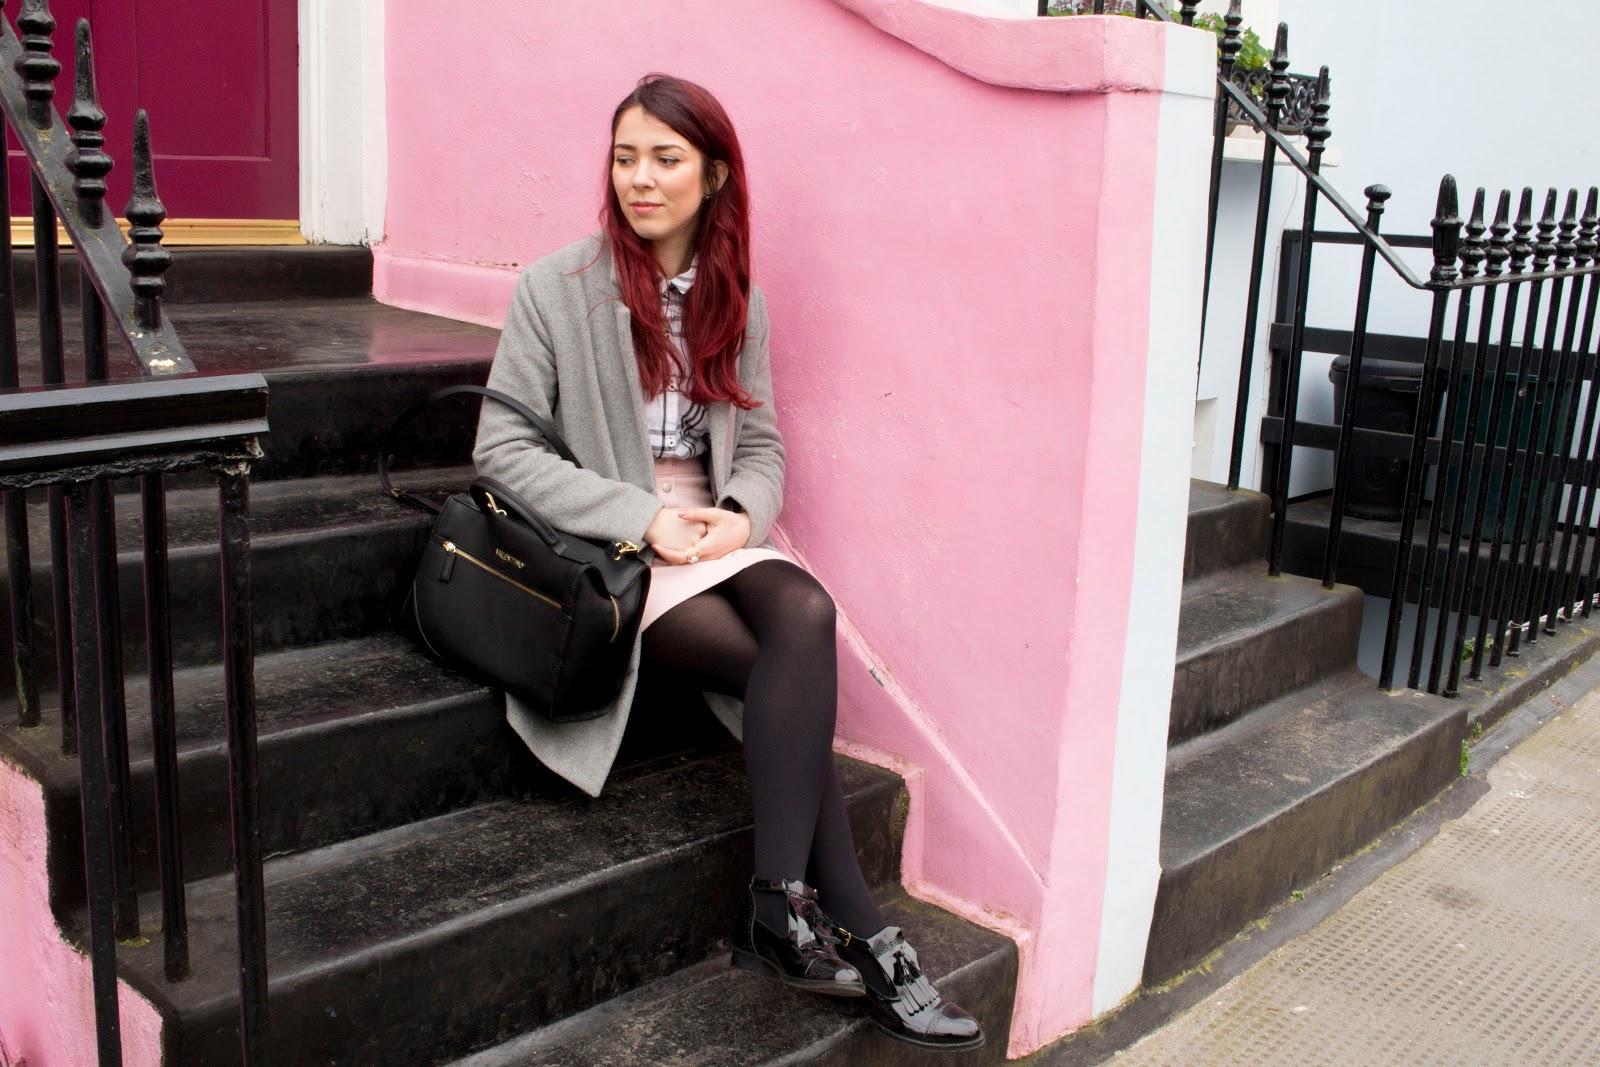 pastel outfits, portobello road, portobello market, rainbow house, pastel house, save the friday, Jonak Paris,